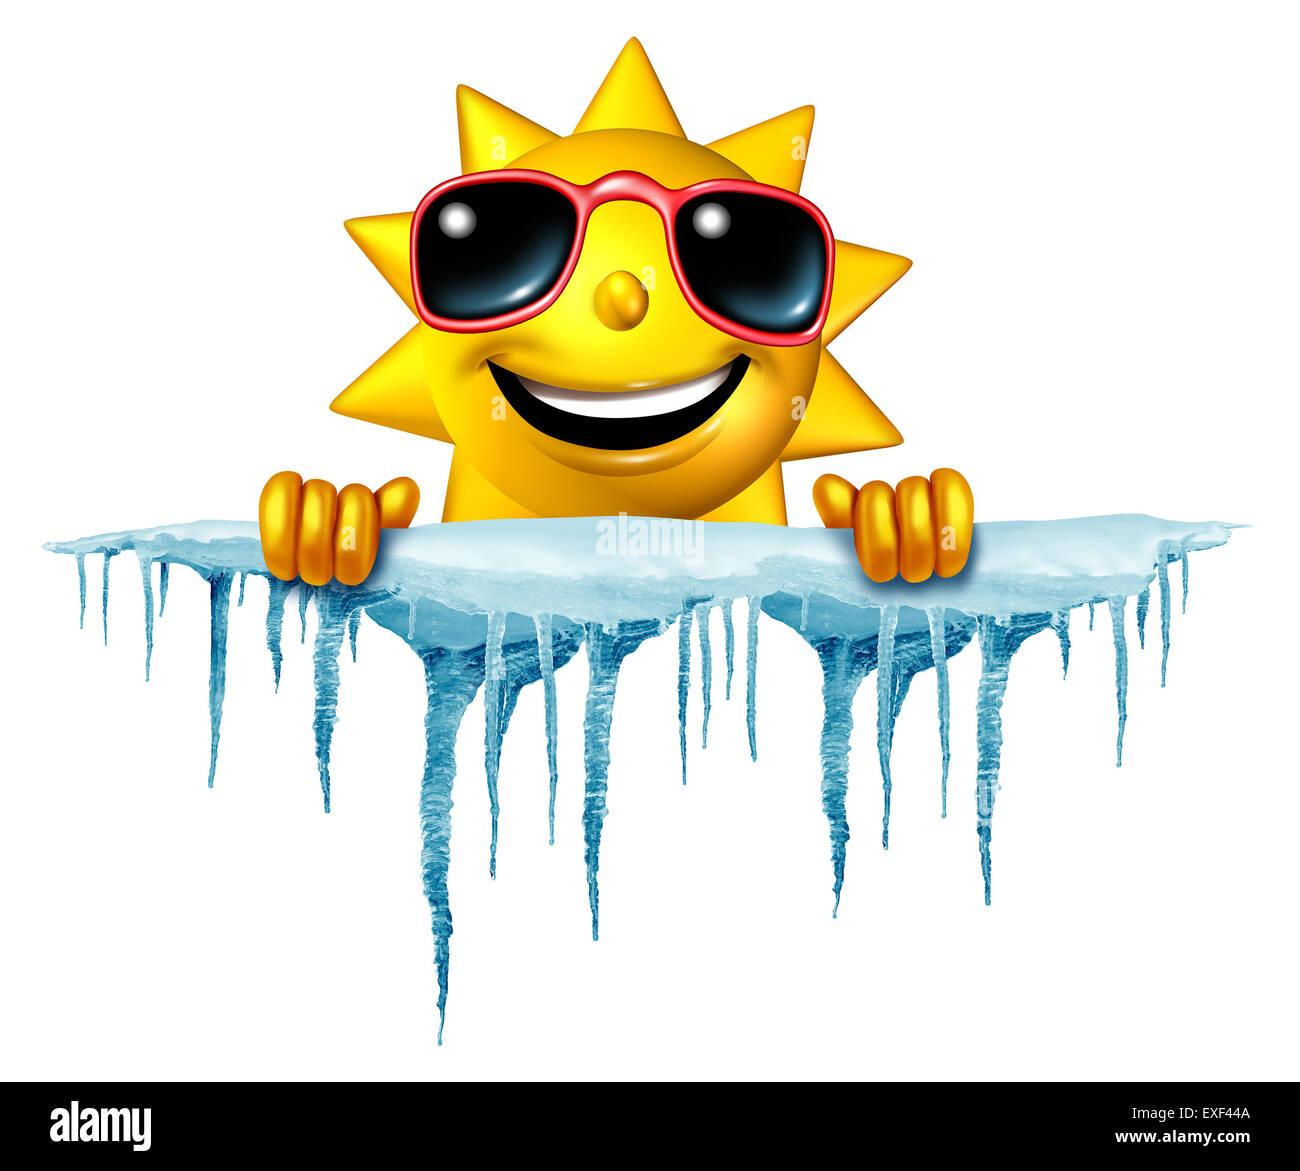 El verano se enfríe concepto y refrescarse la idea como un icono de carácter sun sosteniendo un pedazo Imagen De Stock